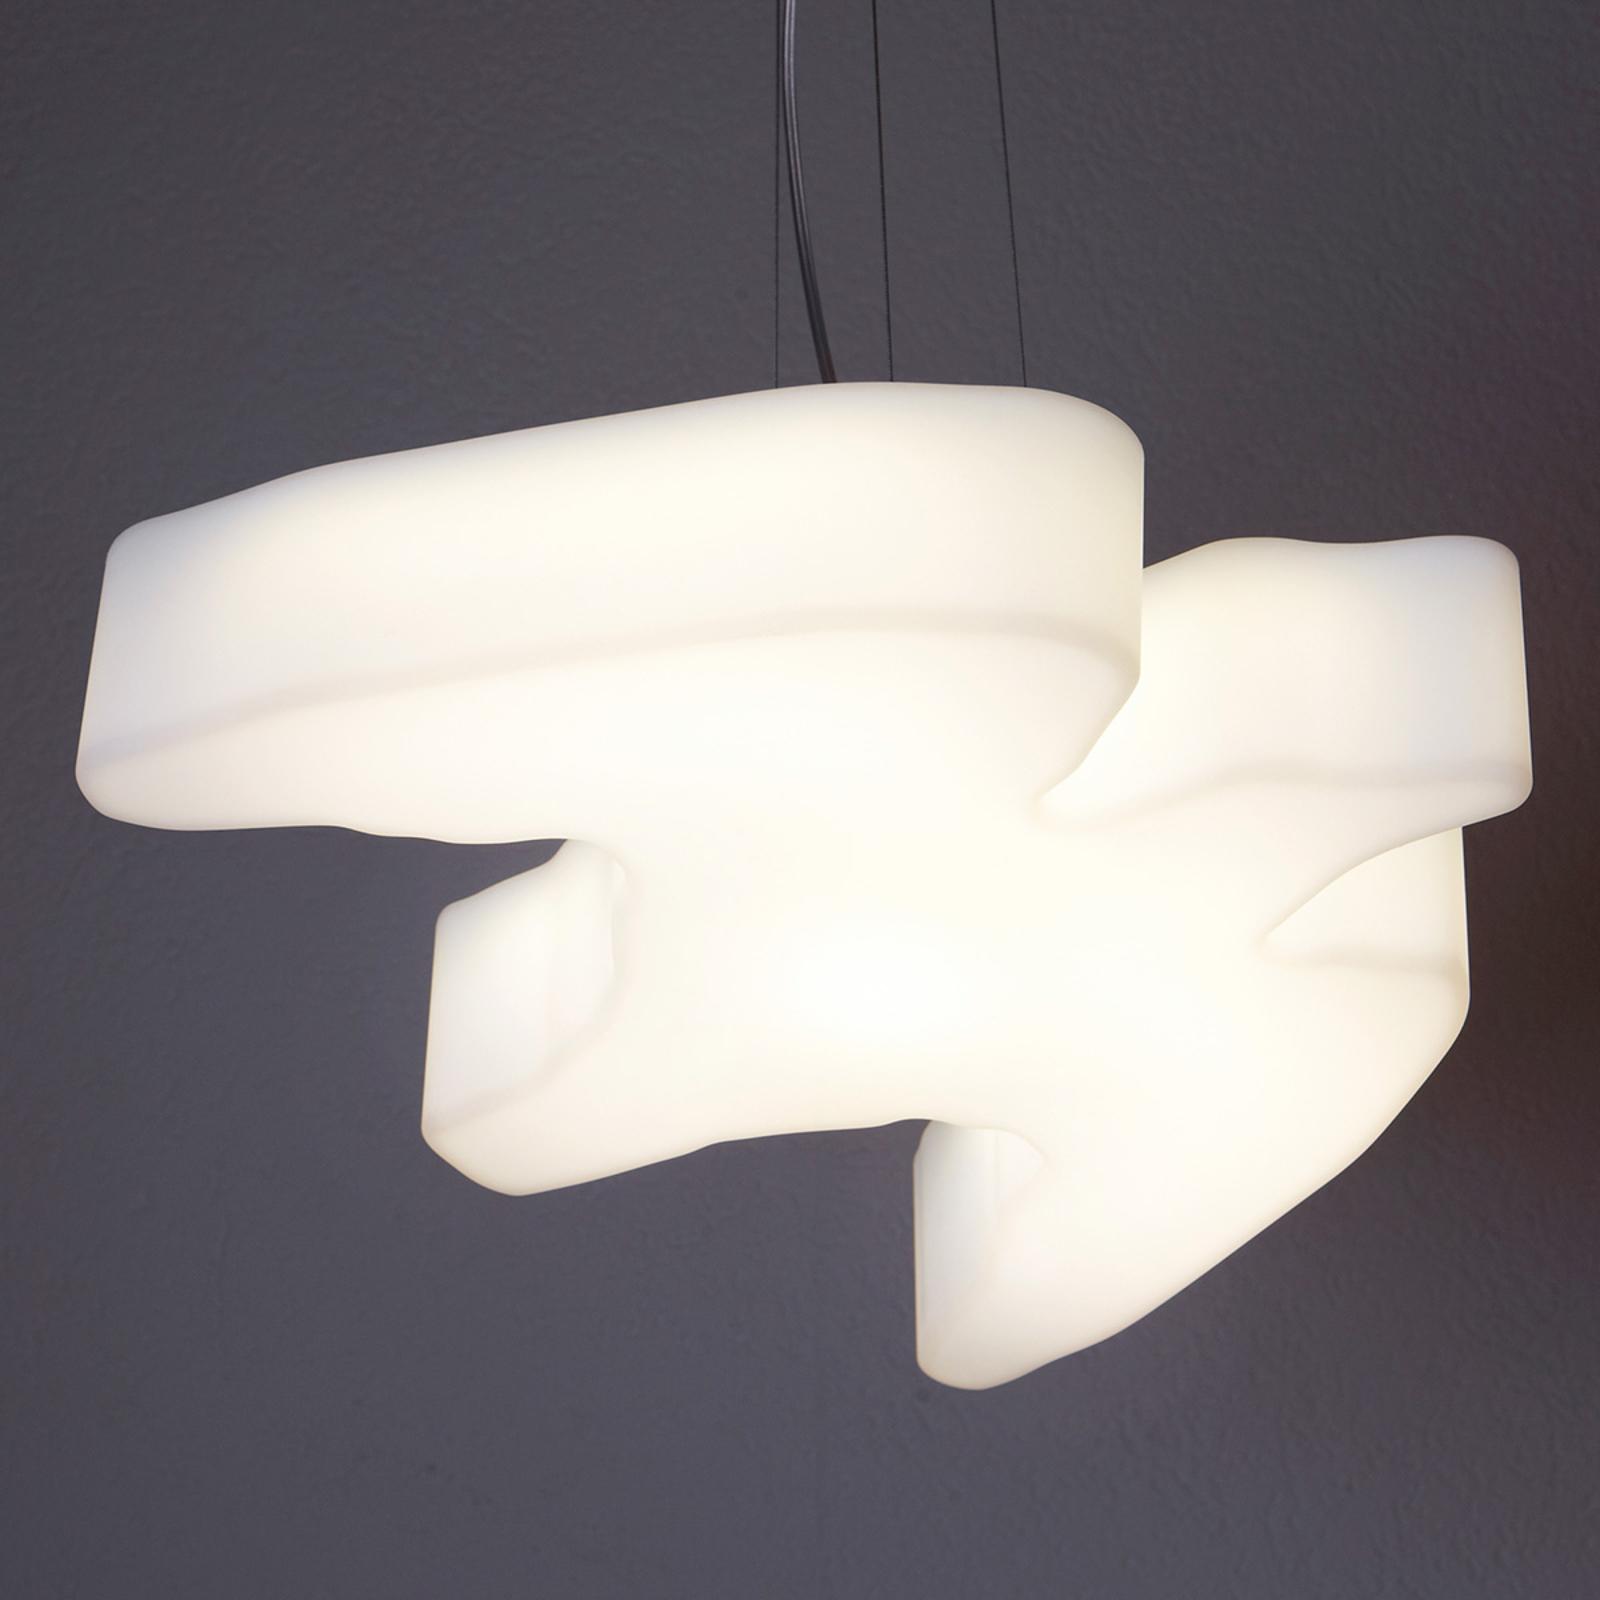 Lámpara colgante LED The Bird